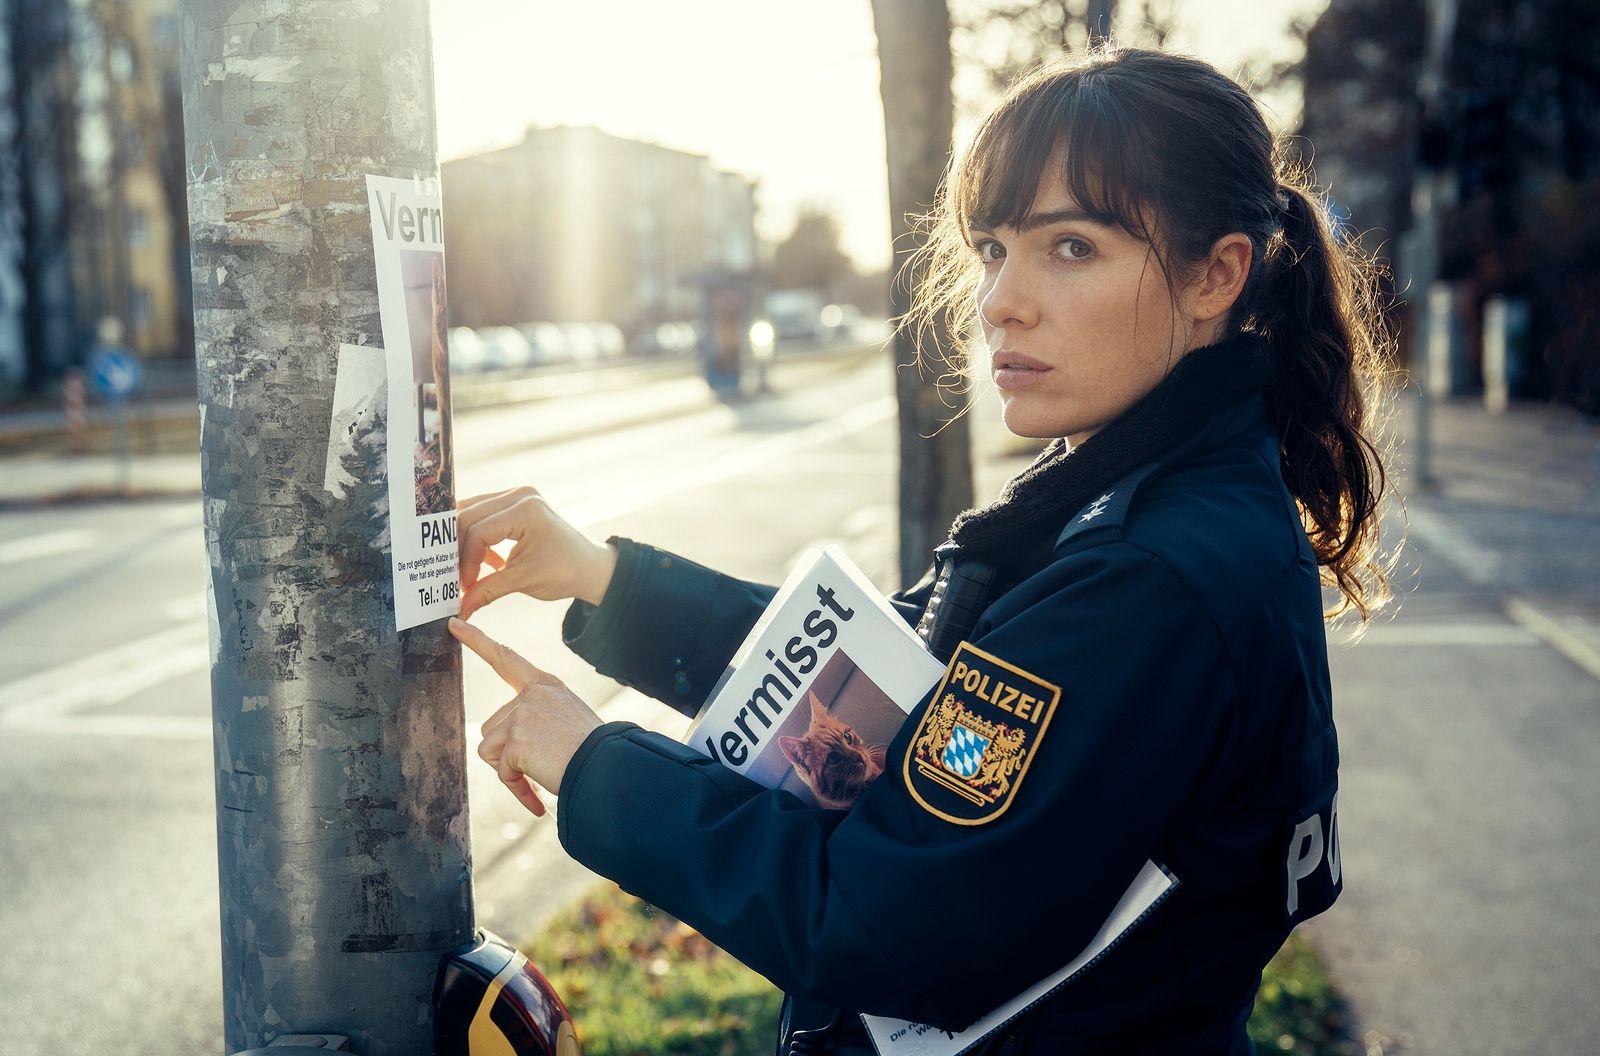 Polizeiruf 110 / Jubiläum / Gehälter